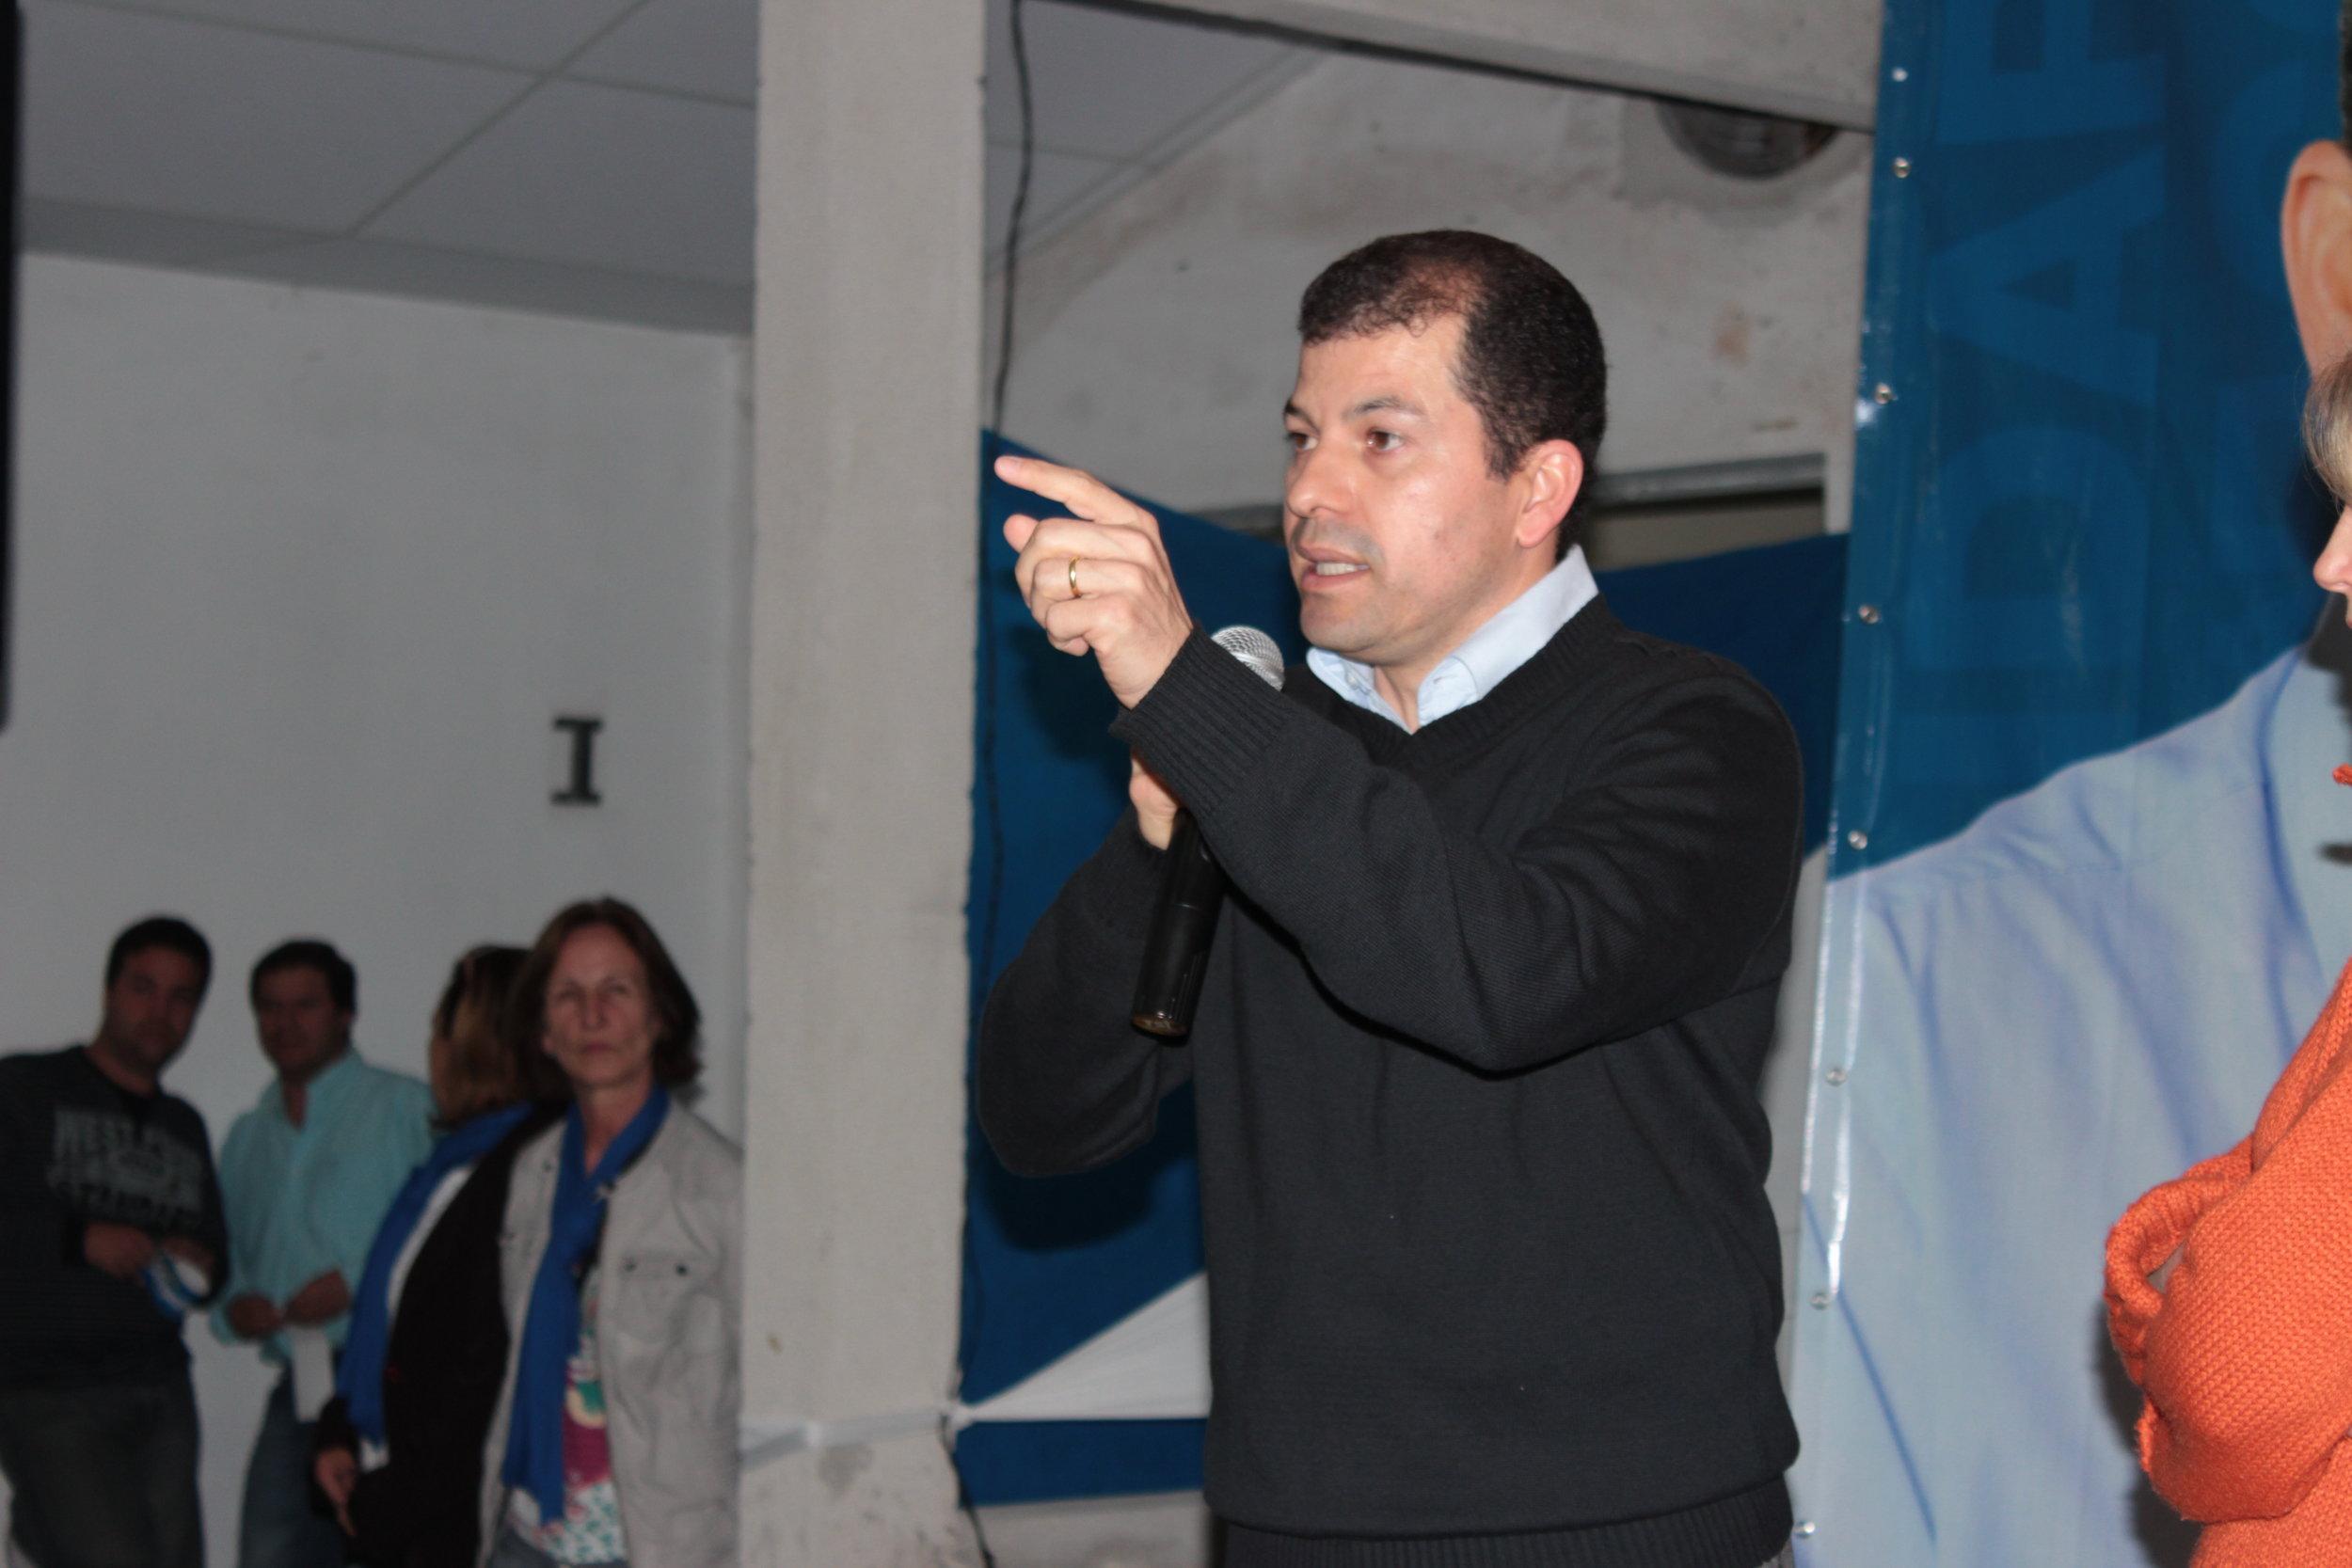 Lancamento Candidatura Serginho 2012 - Salao Rosario de Belem (105).JPG